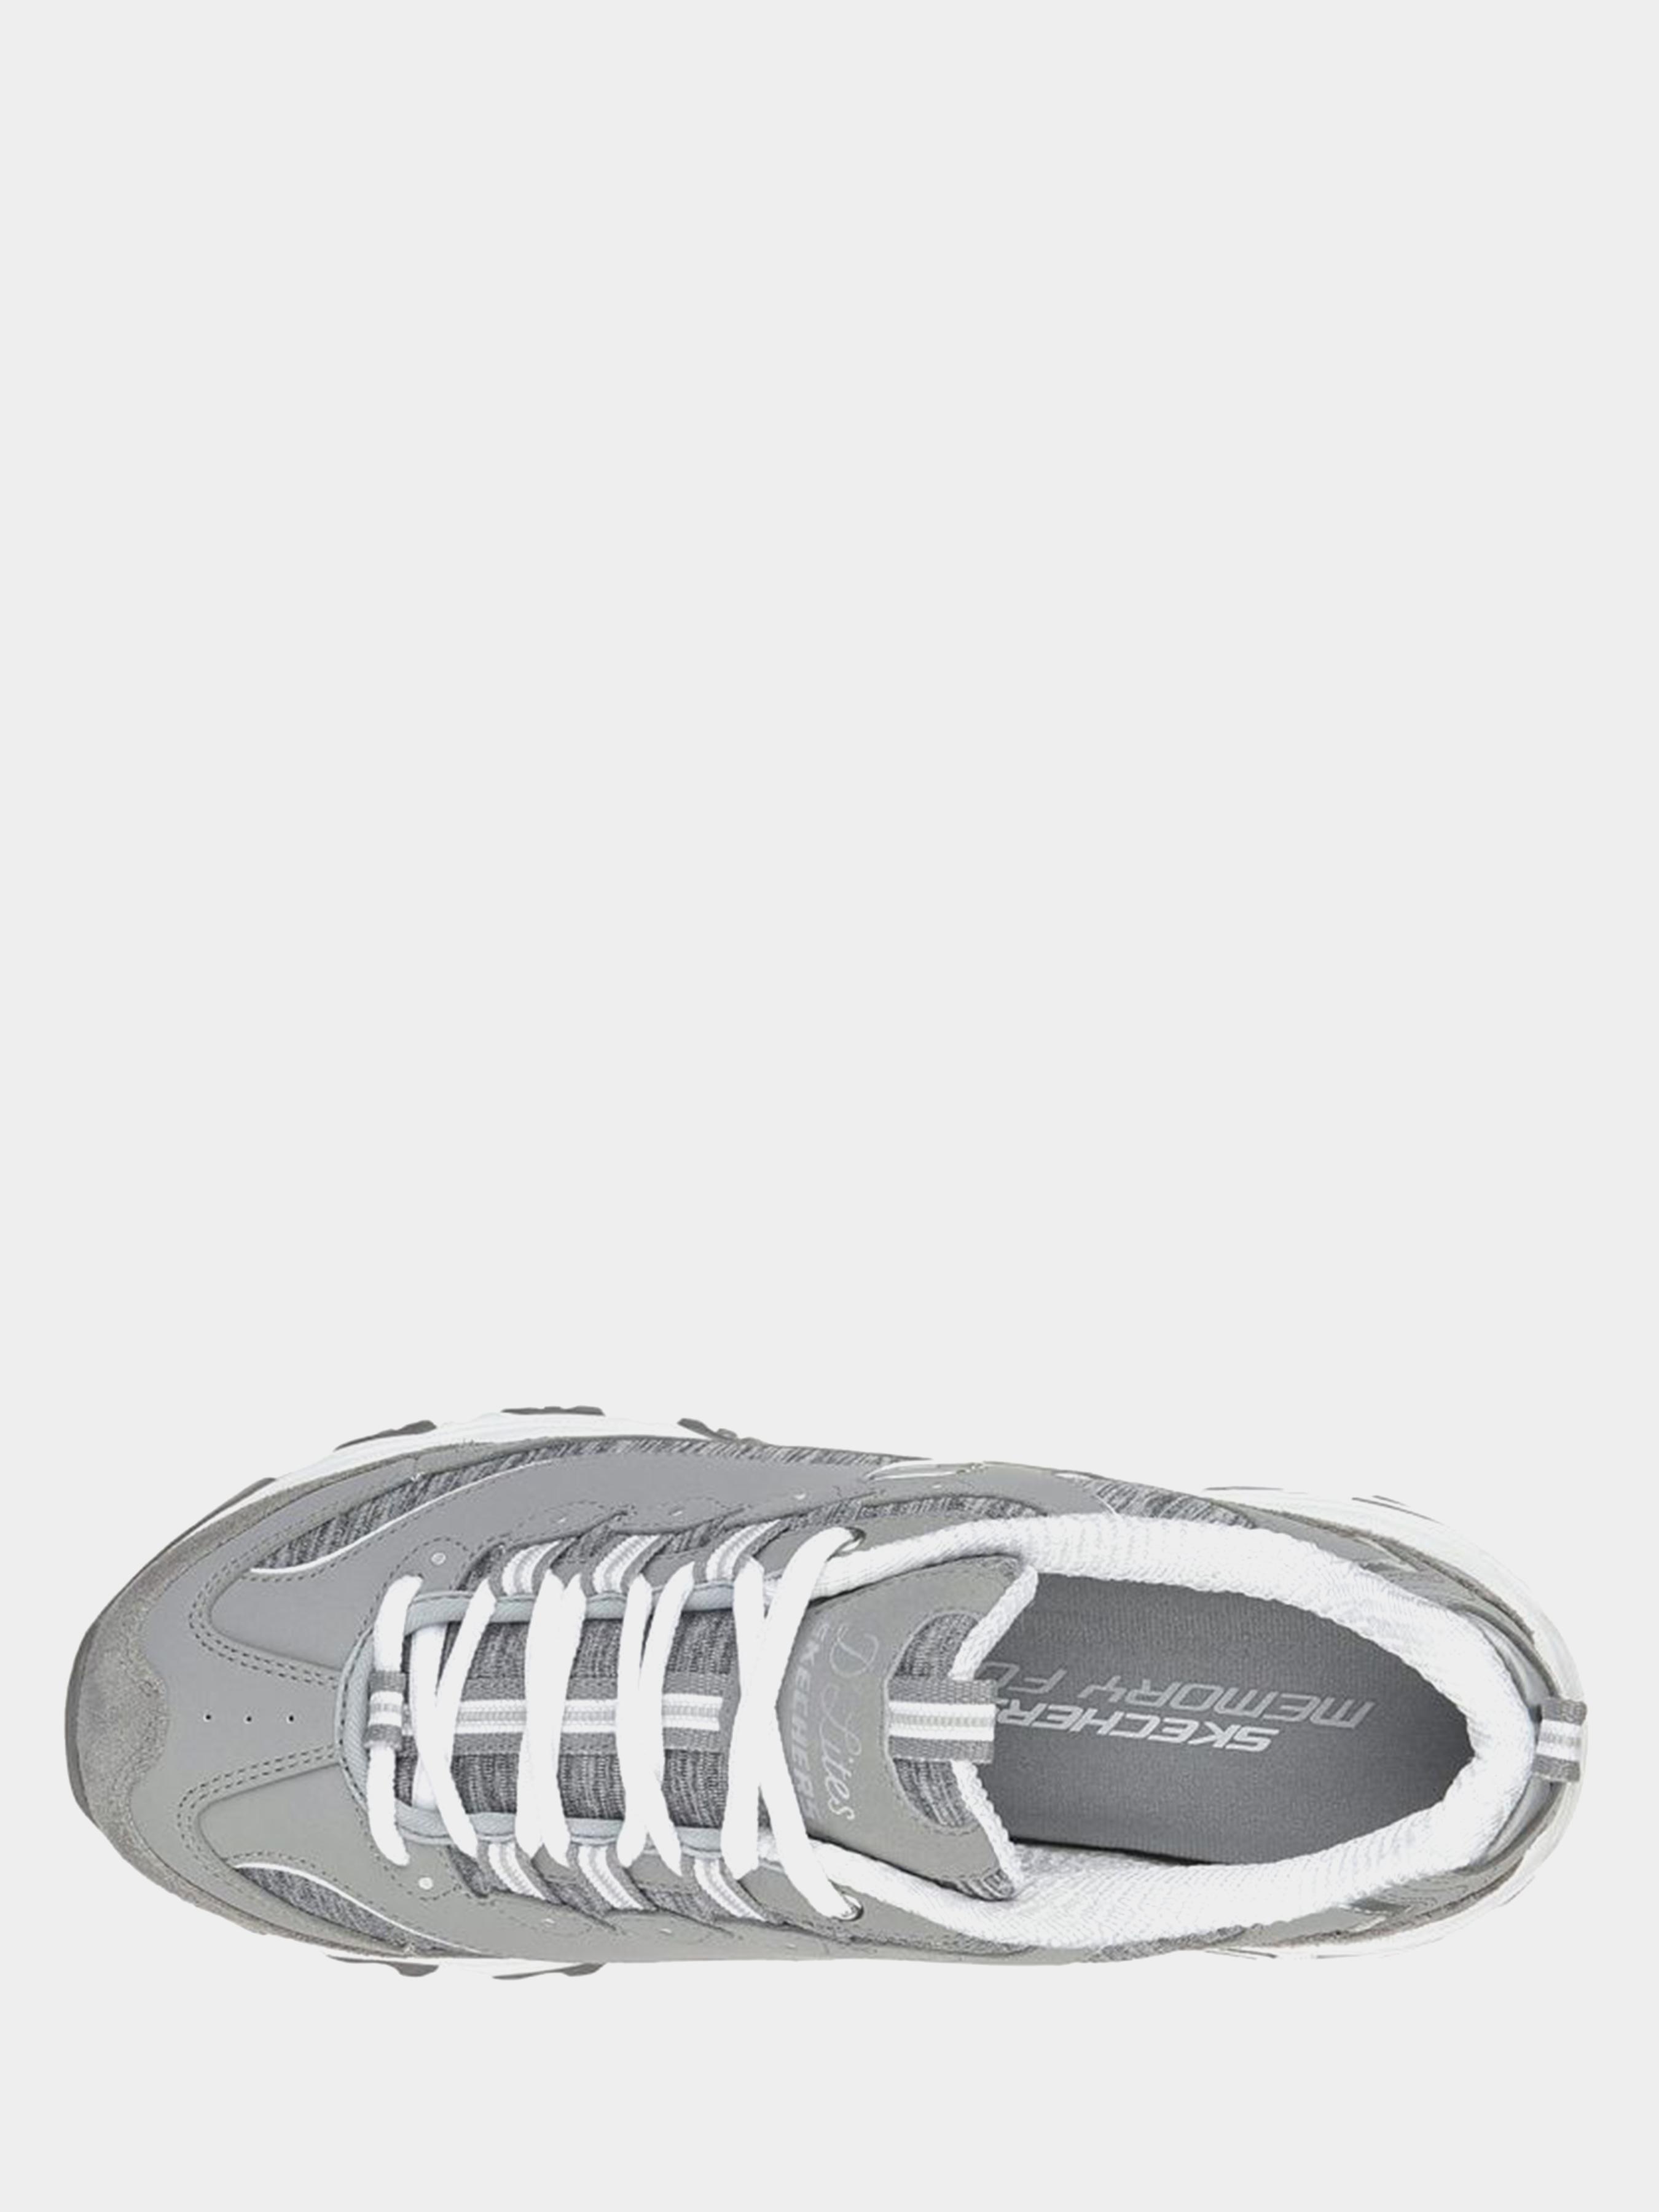 Кроссовки женские Skechers D'Lites KW4338 Заказать, 2017